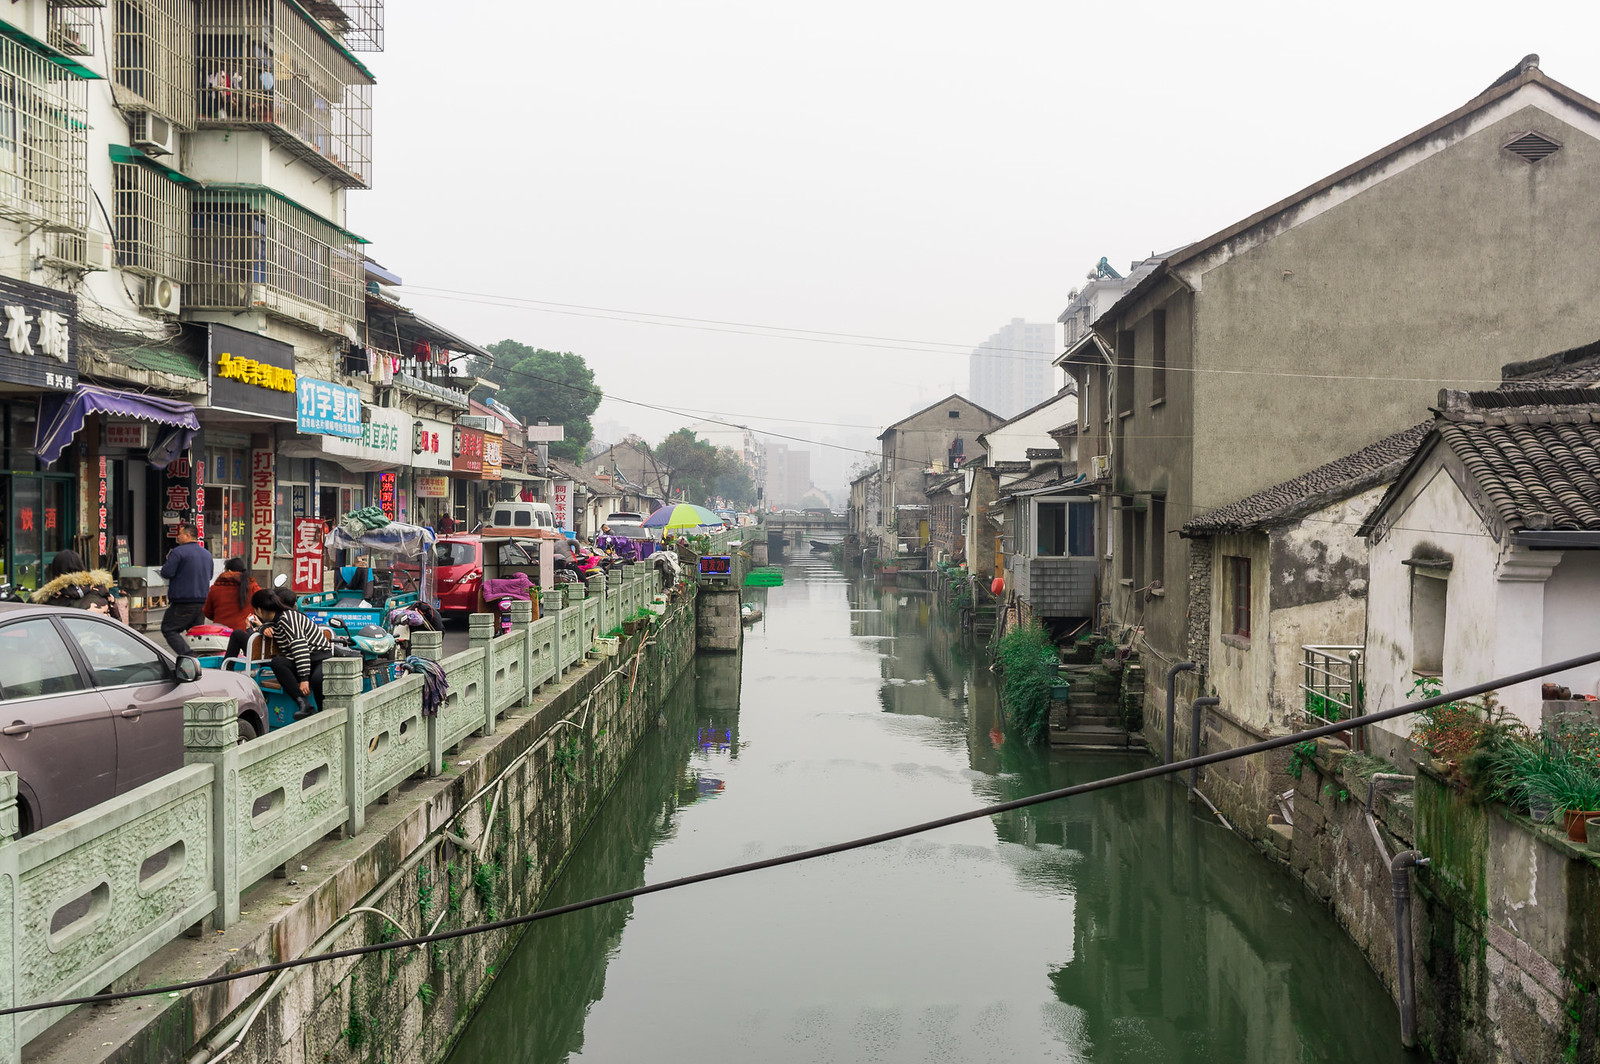 Hangzhou Xixing 西兴镇